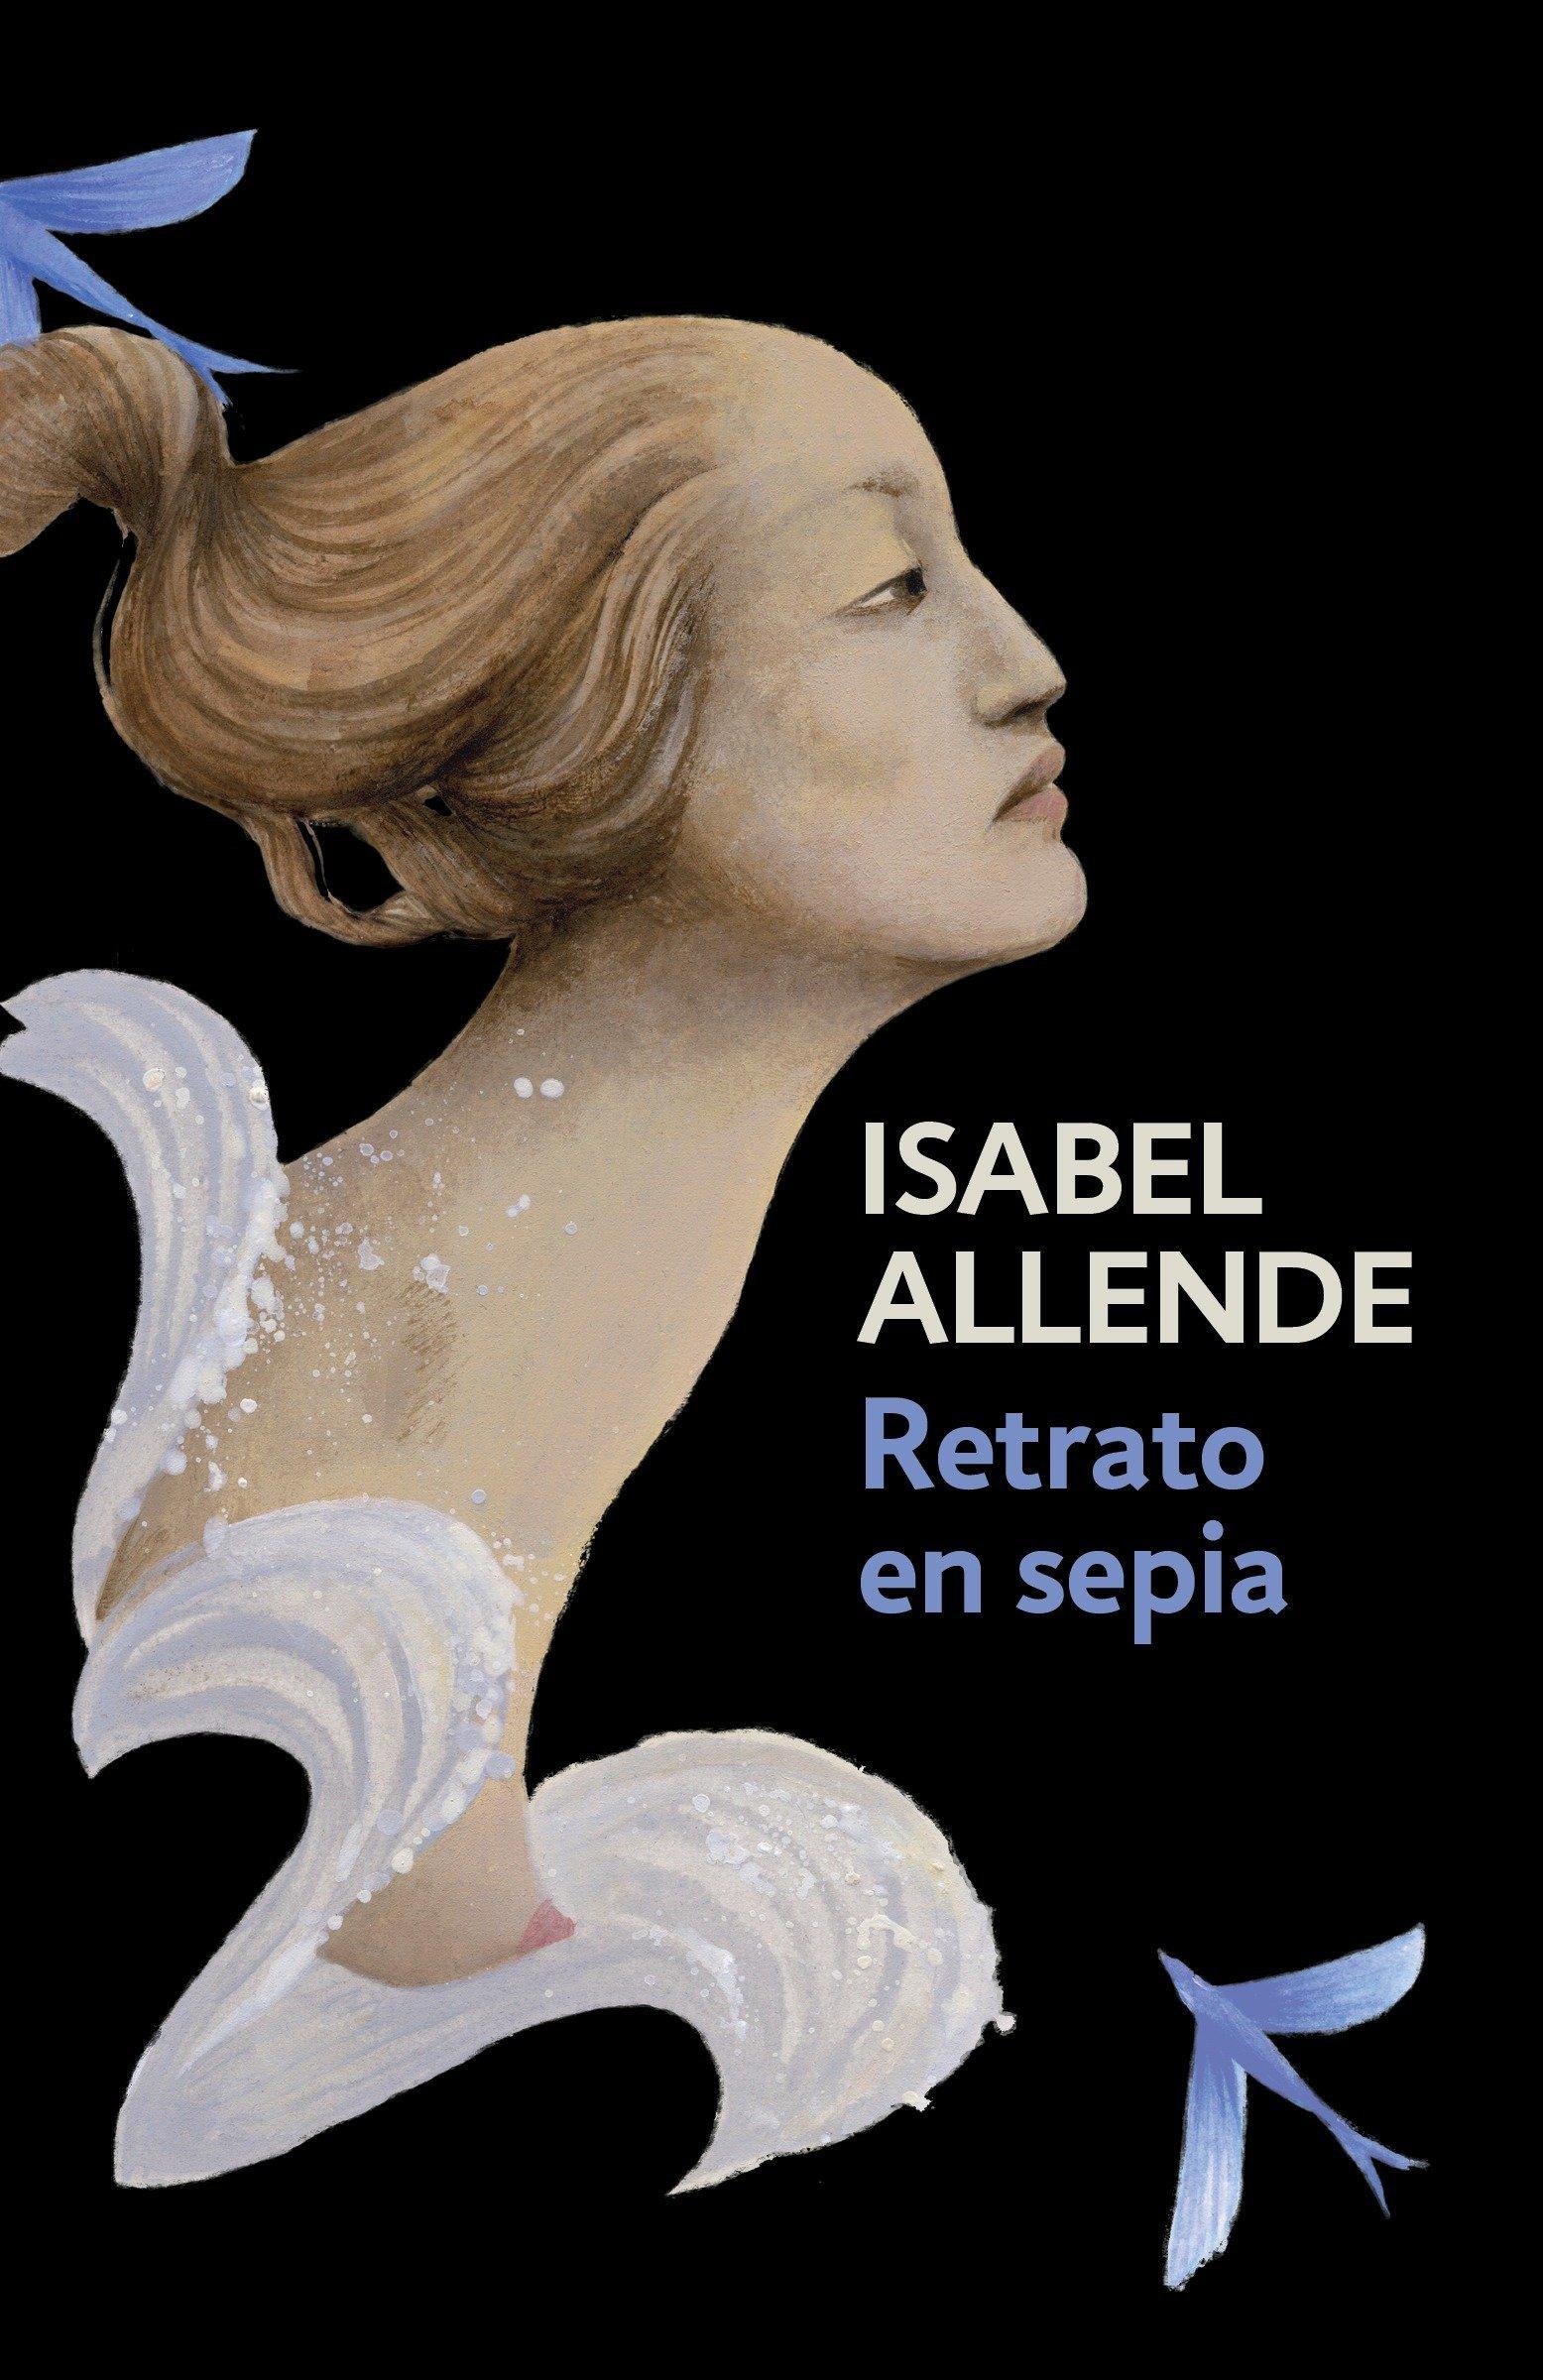 Retrato en sepia: Portrait in Sepia - Spanish-language Edition